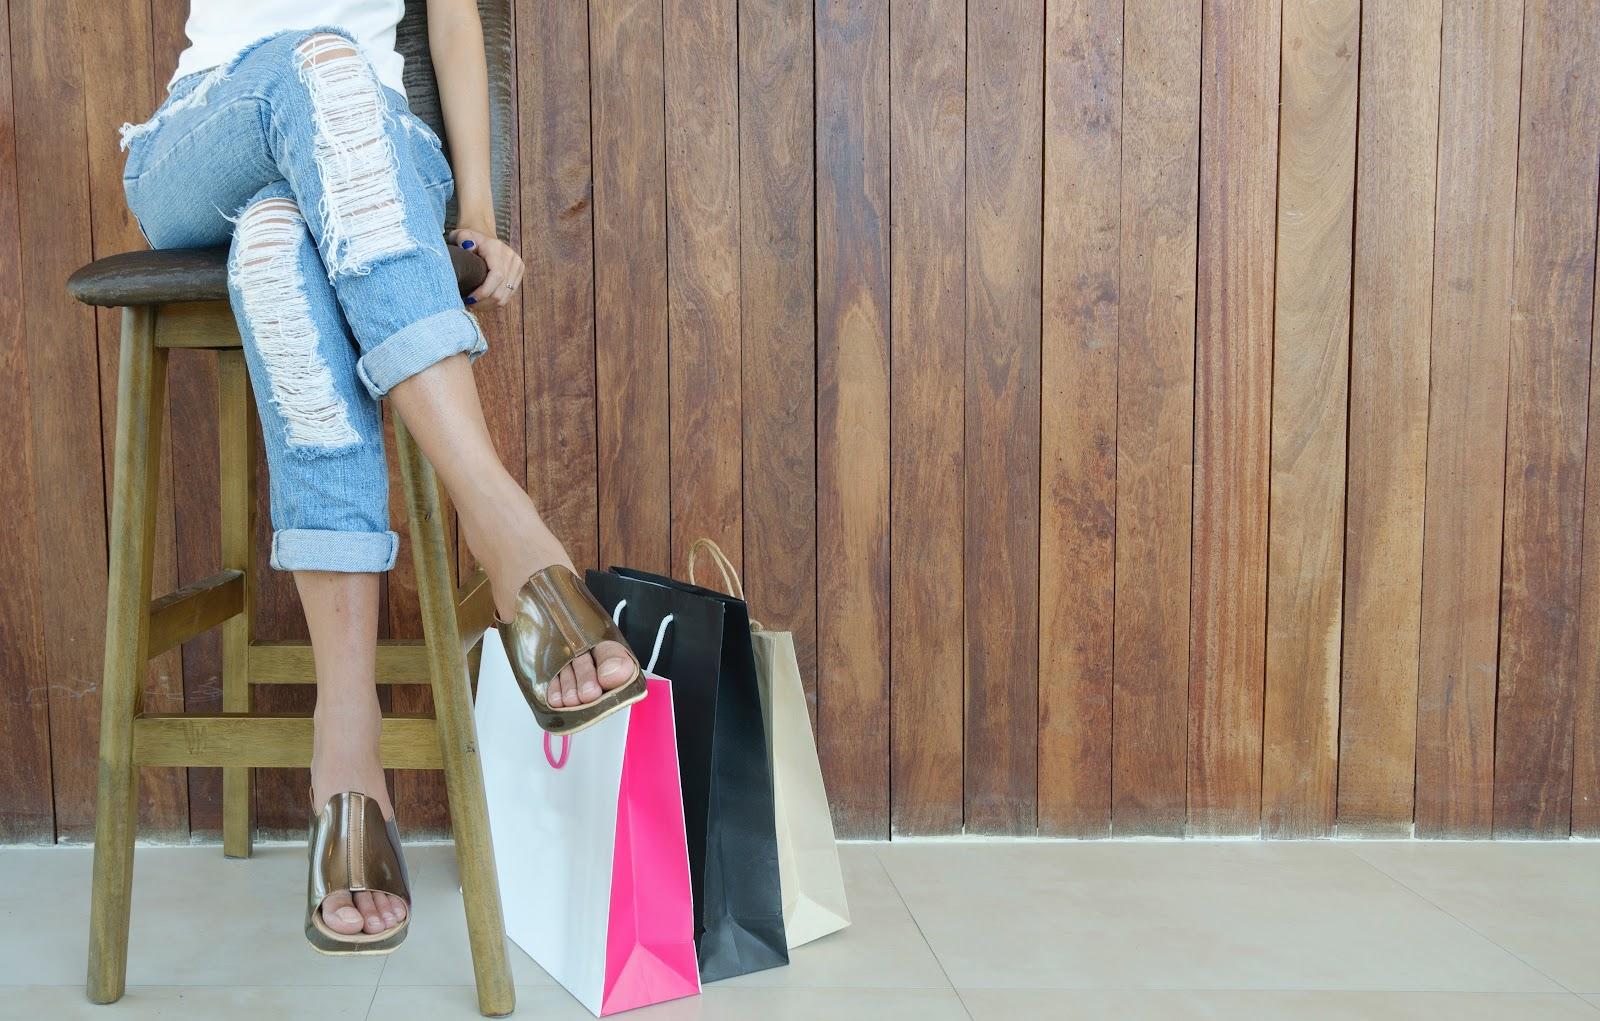 רגלי אישה בג'ינס עם שקיות קניות על הריצפה